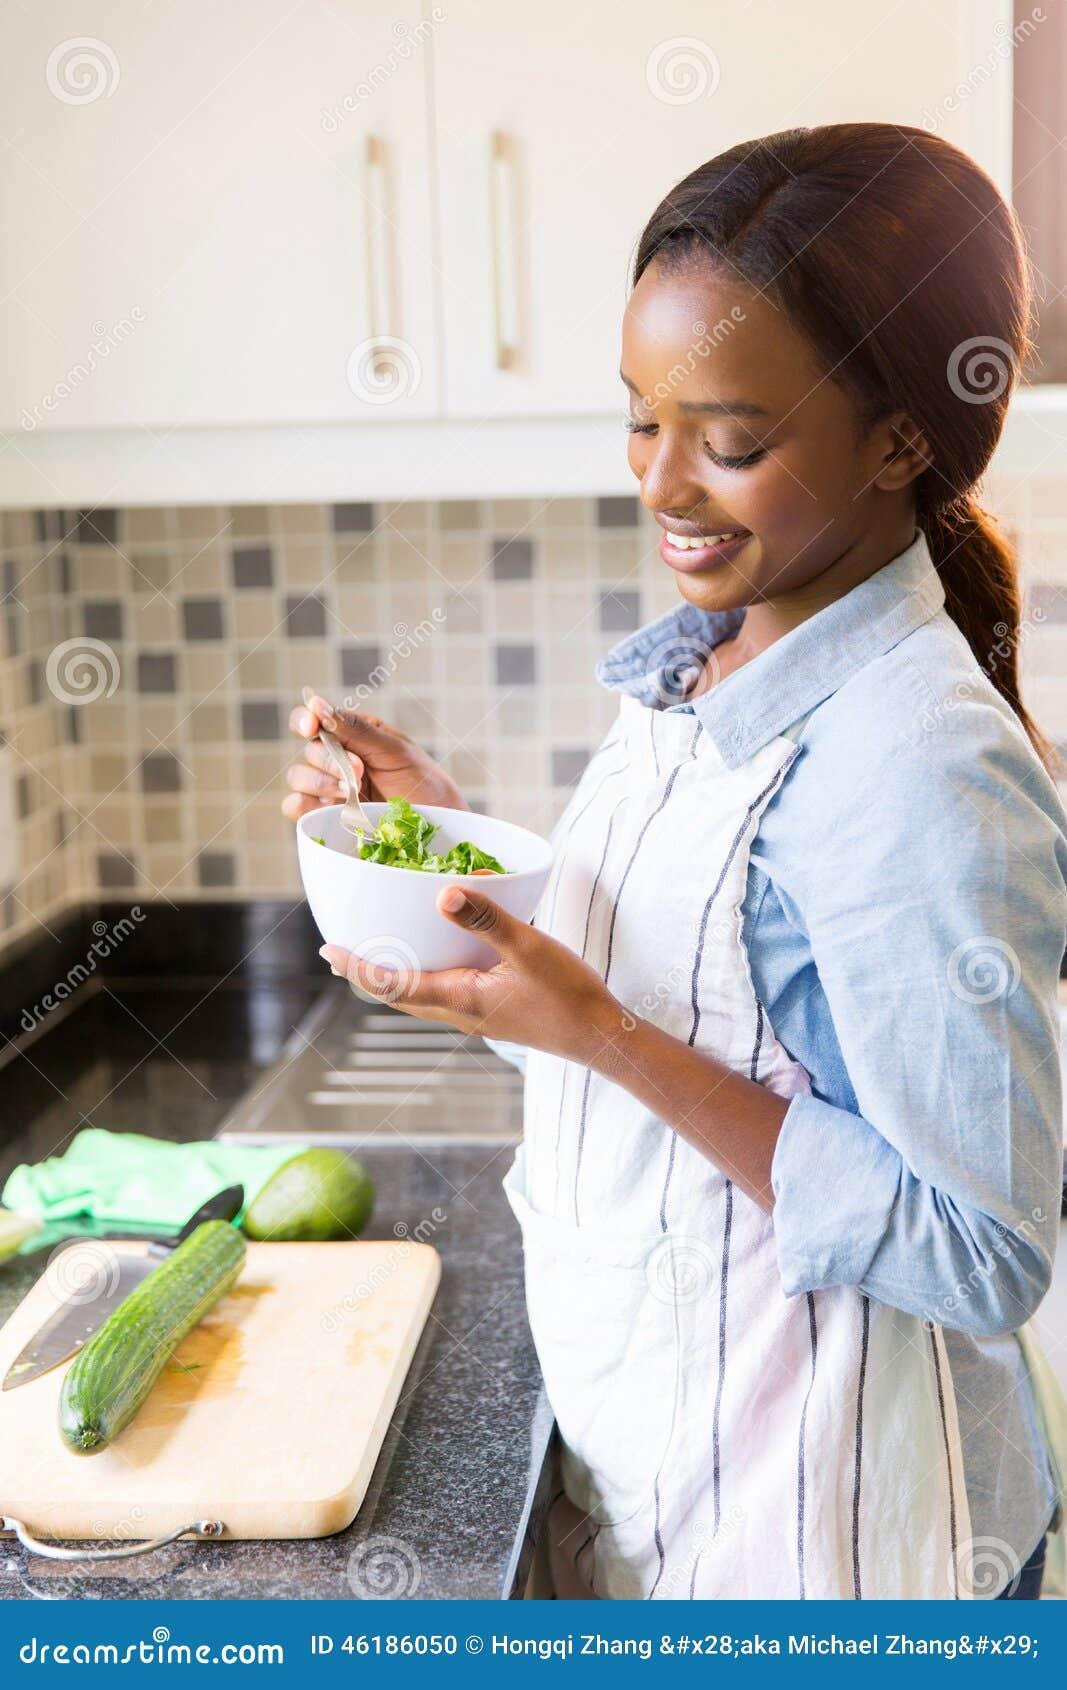 Femme au foyer mangeant de la salade